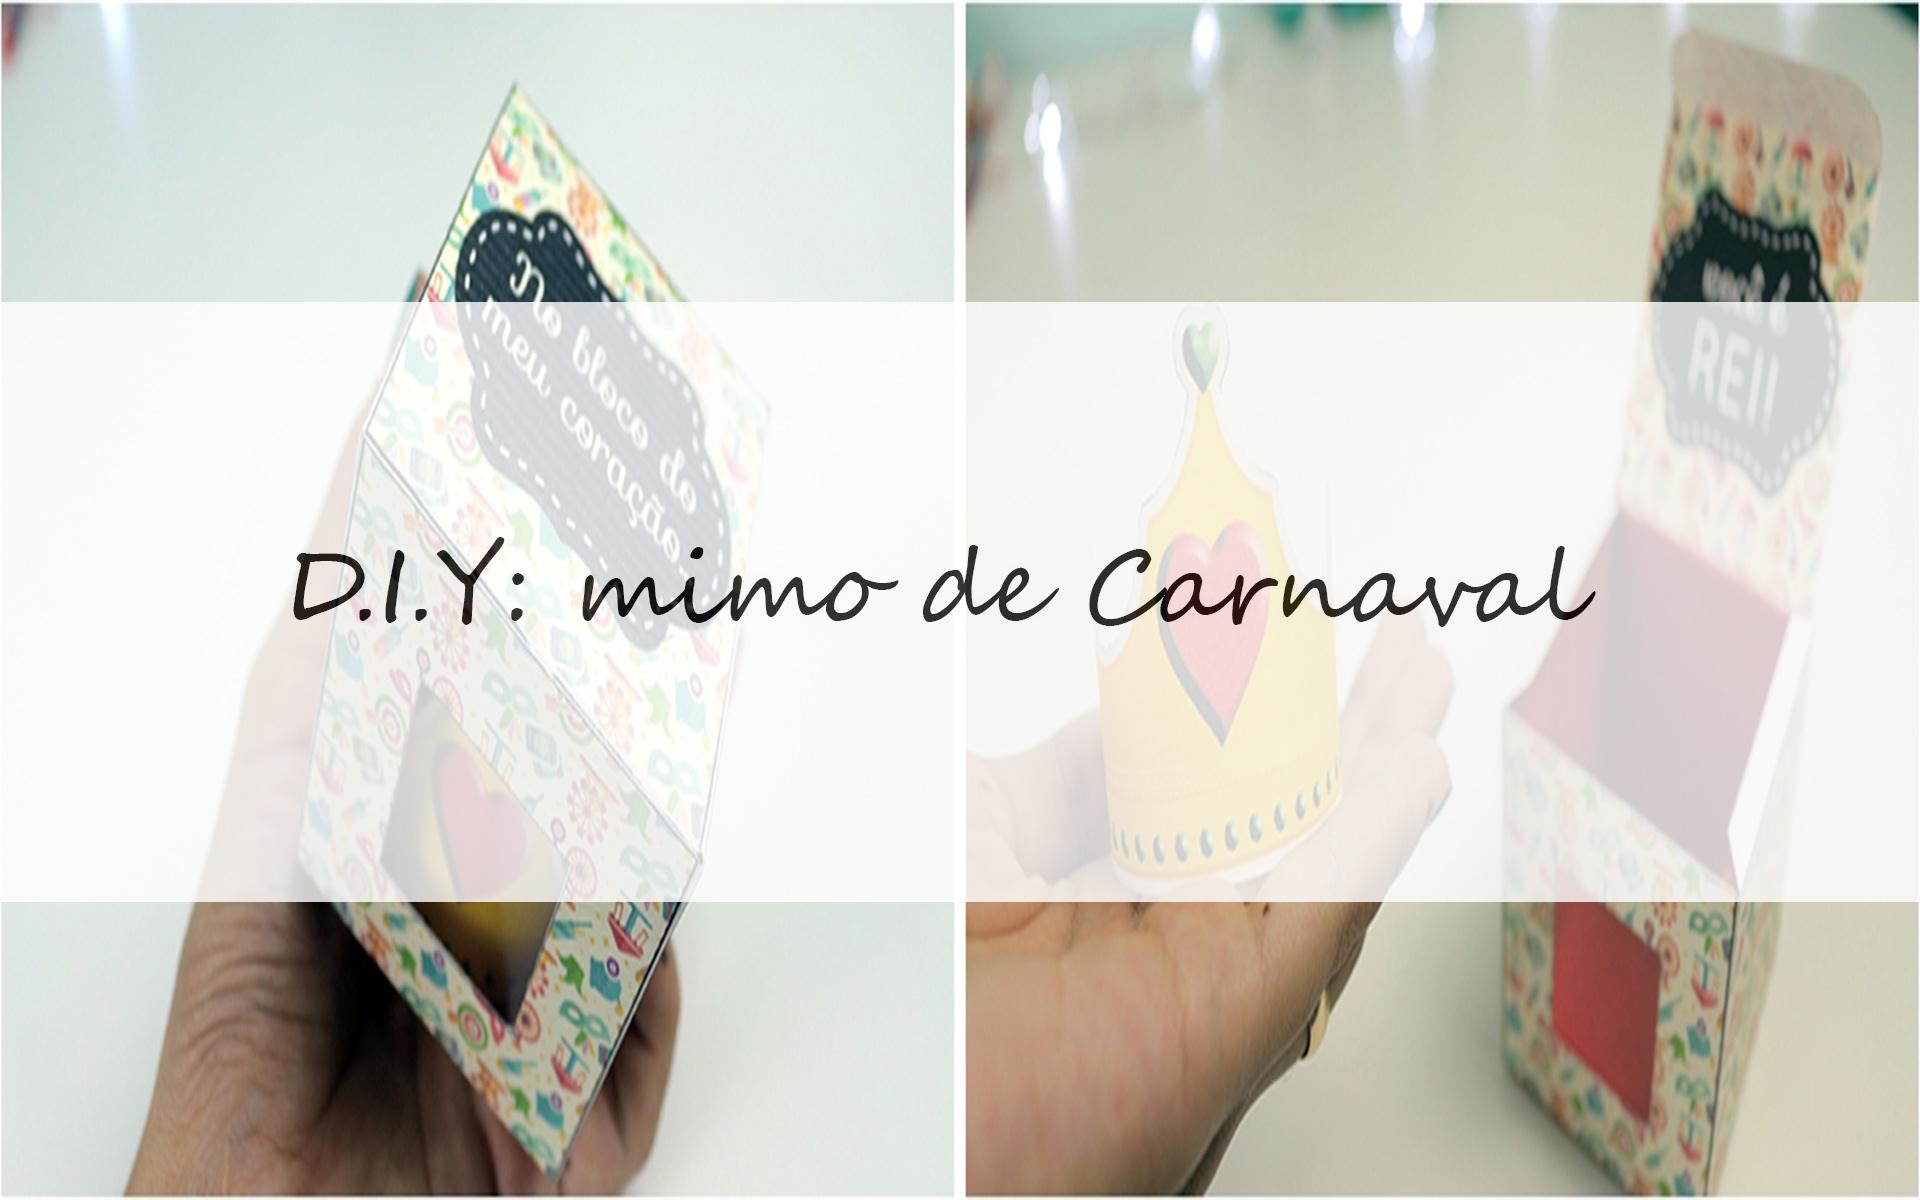 D.I.Y: Mimo de Carnaval